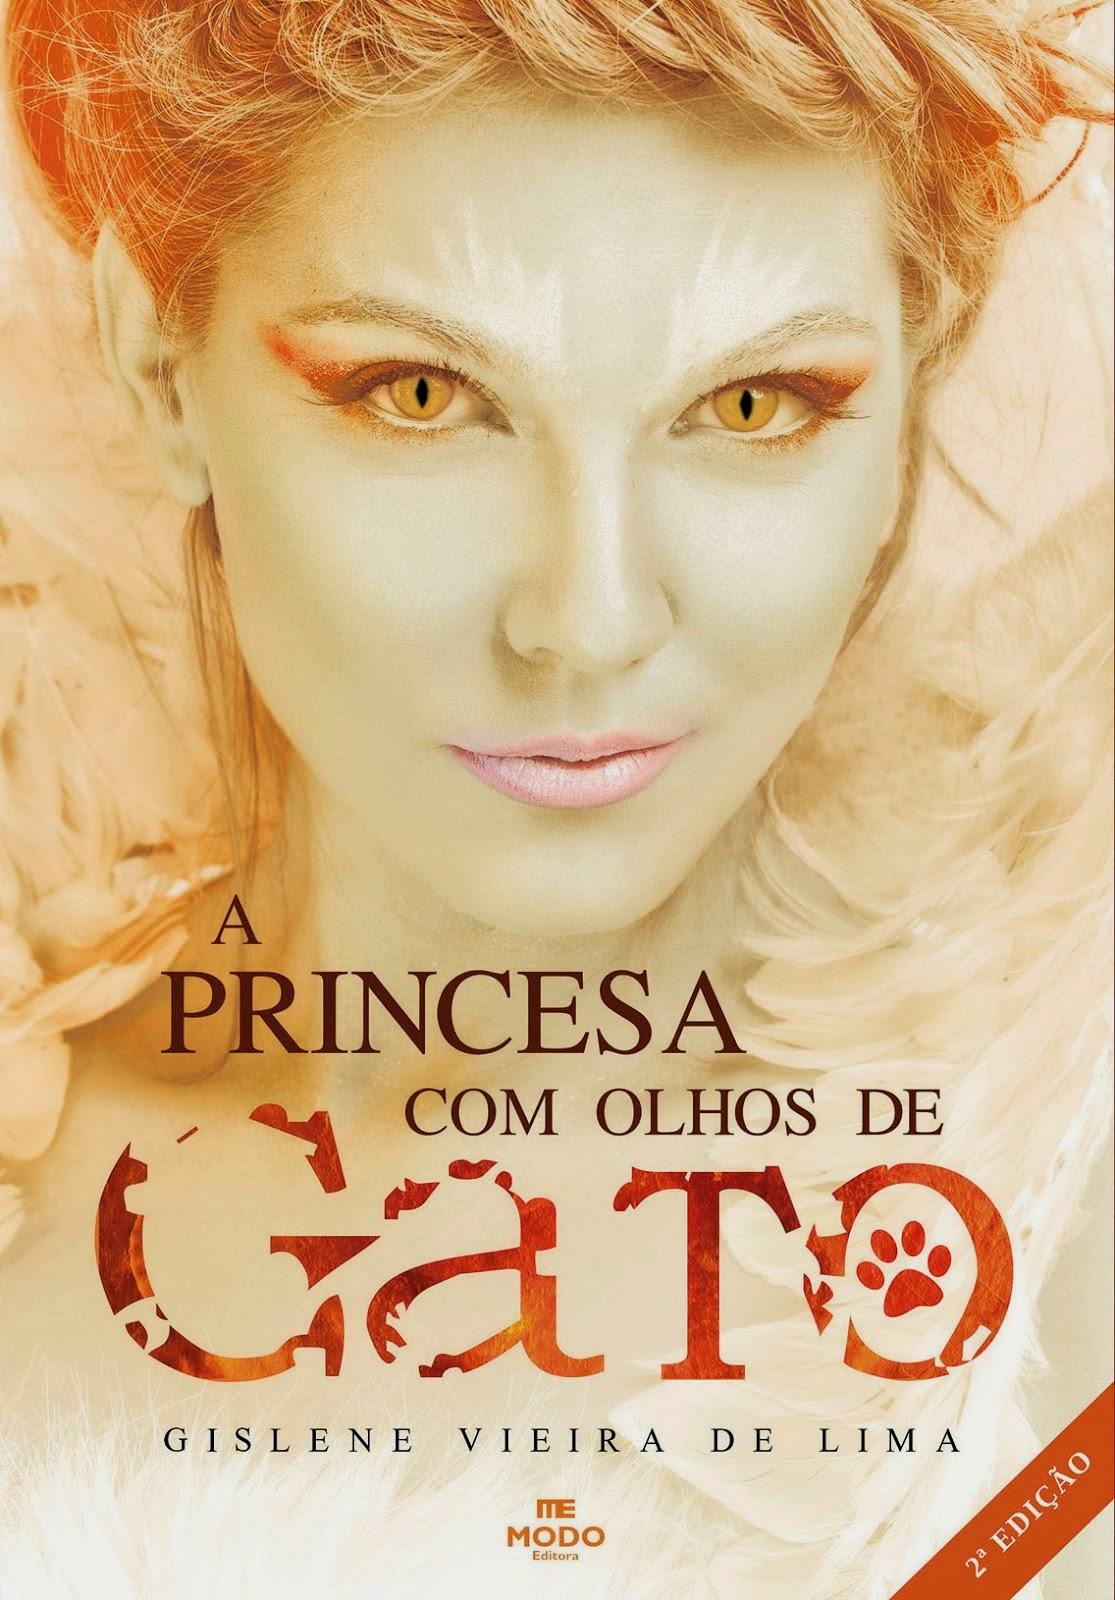 A PRINCESA COM OLHOS DE GATO